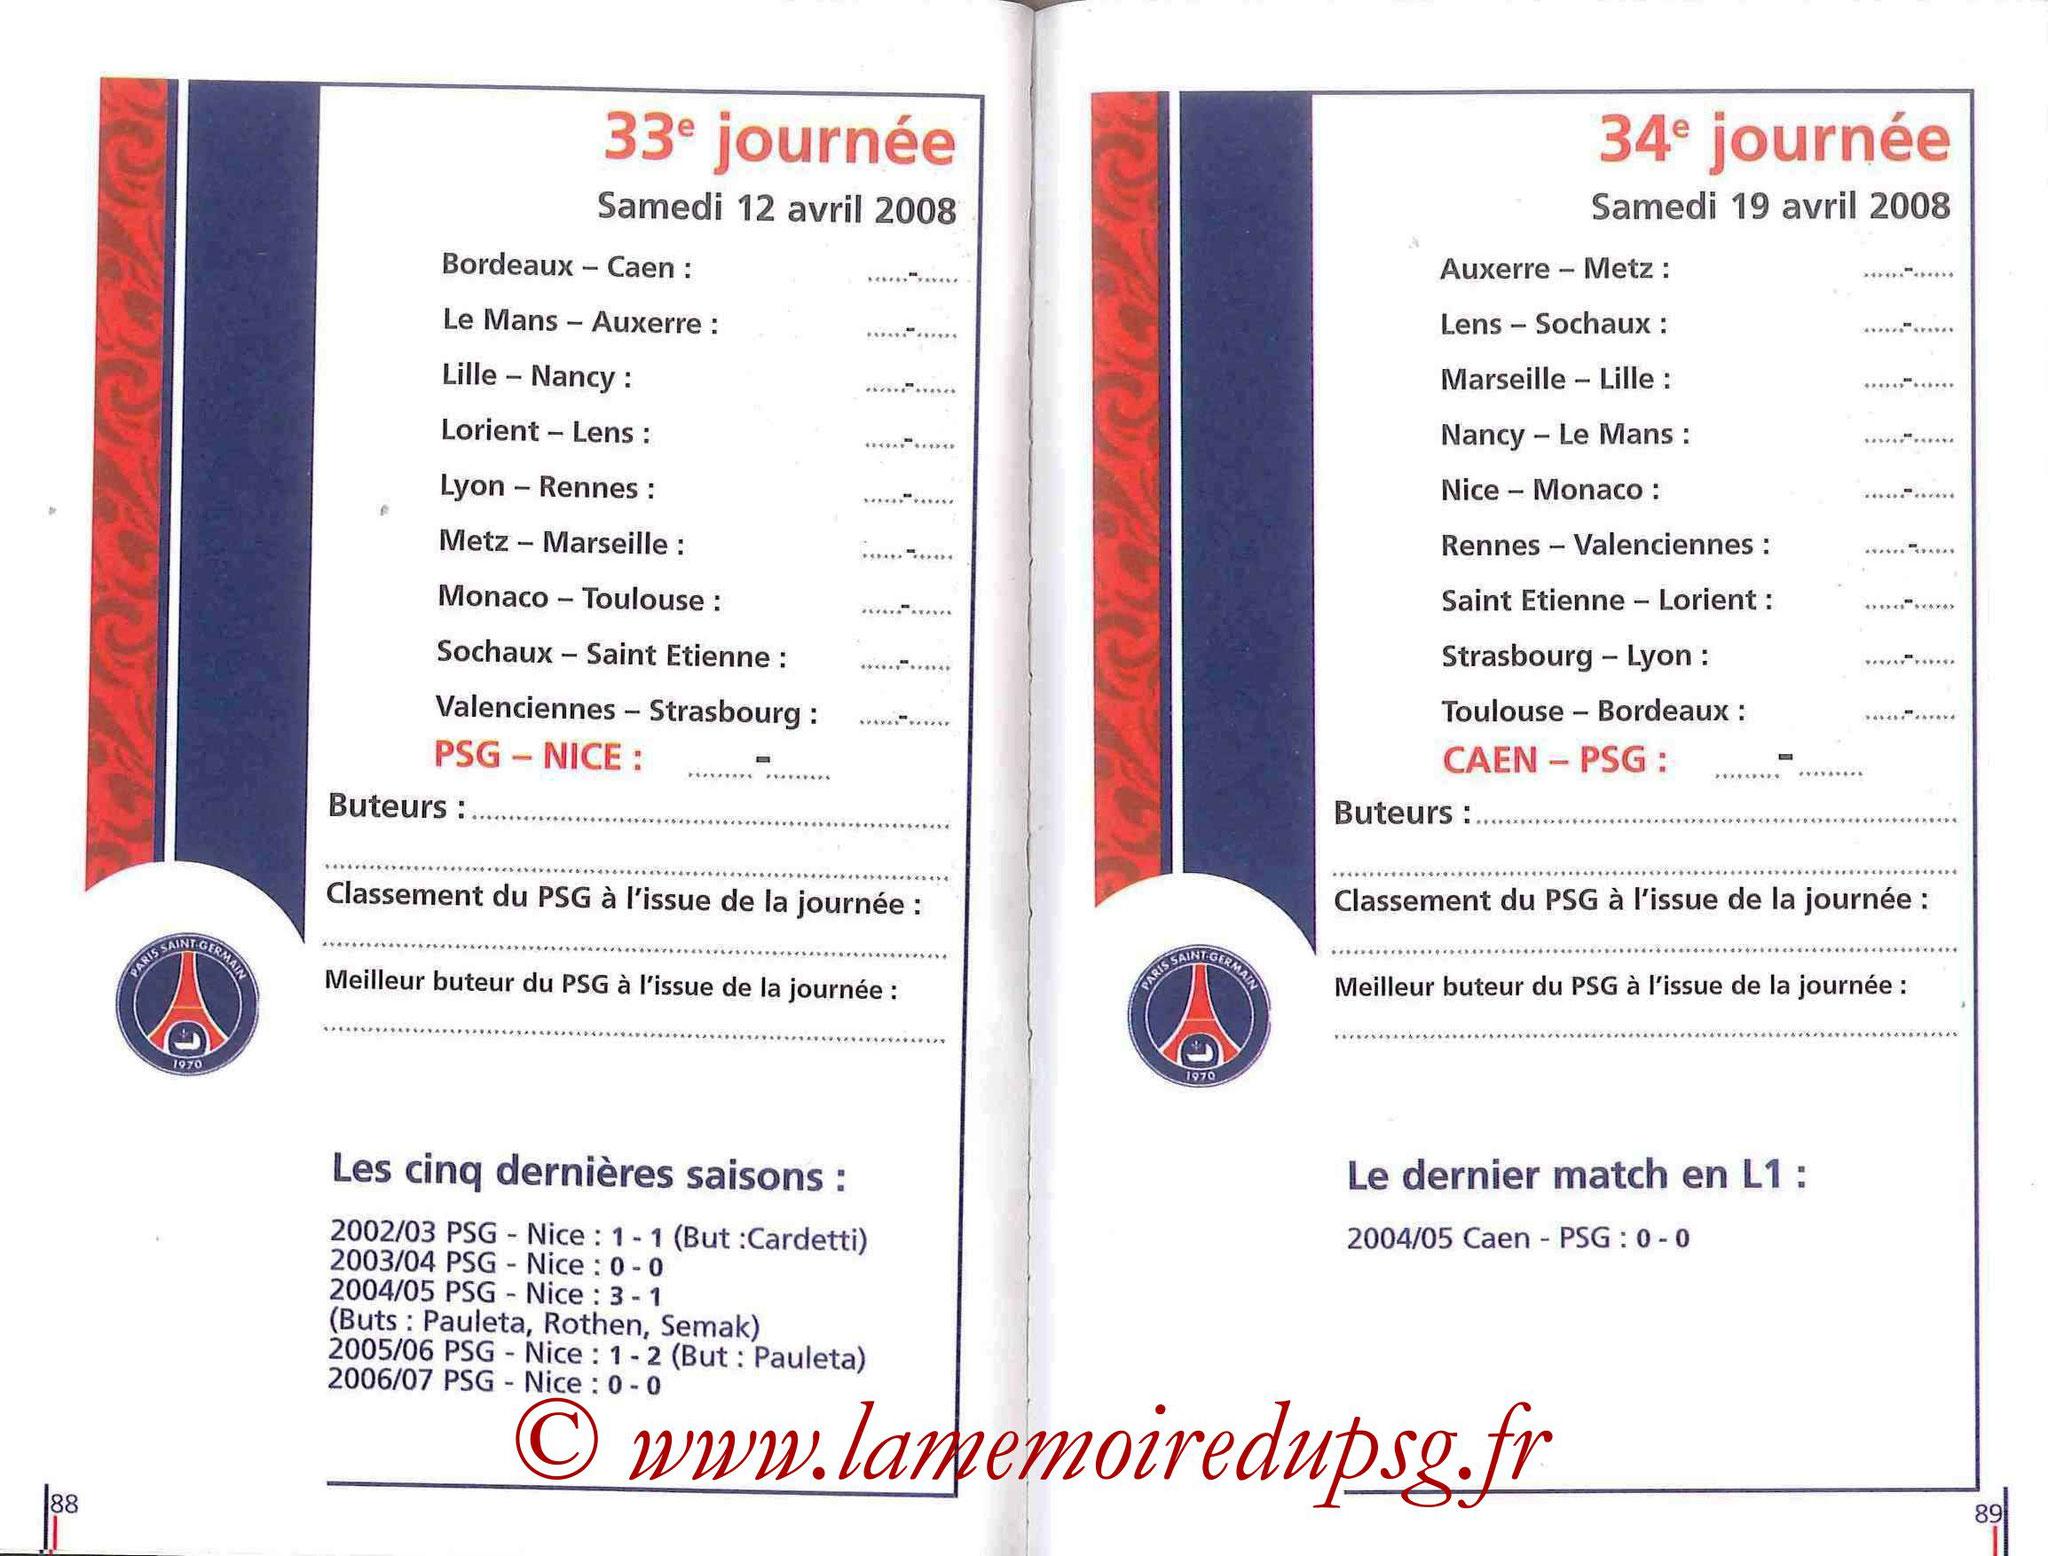 2007-08 - Guide de la Saison PSG - Pages 88 et 89